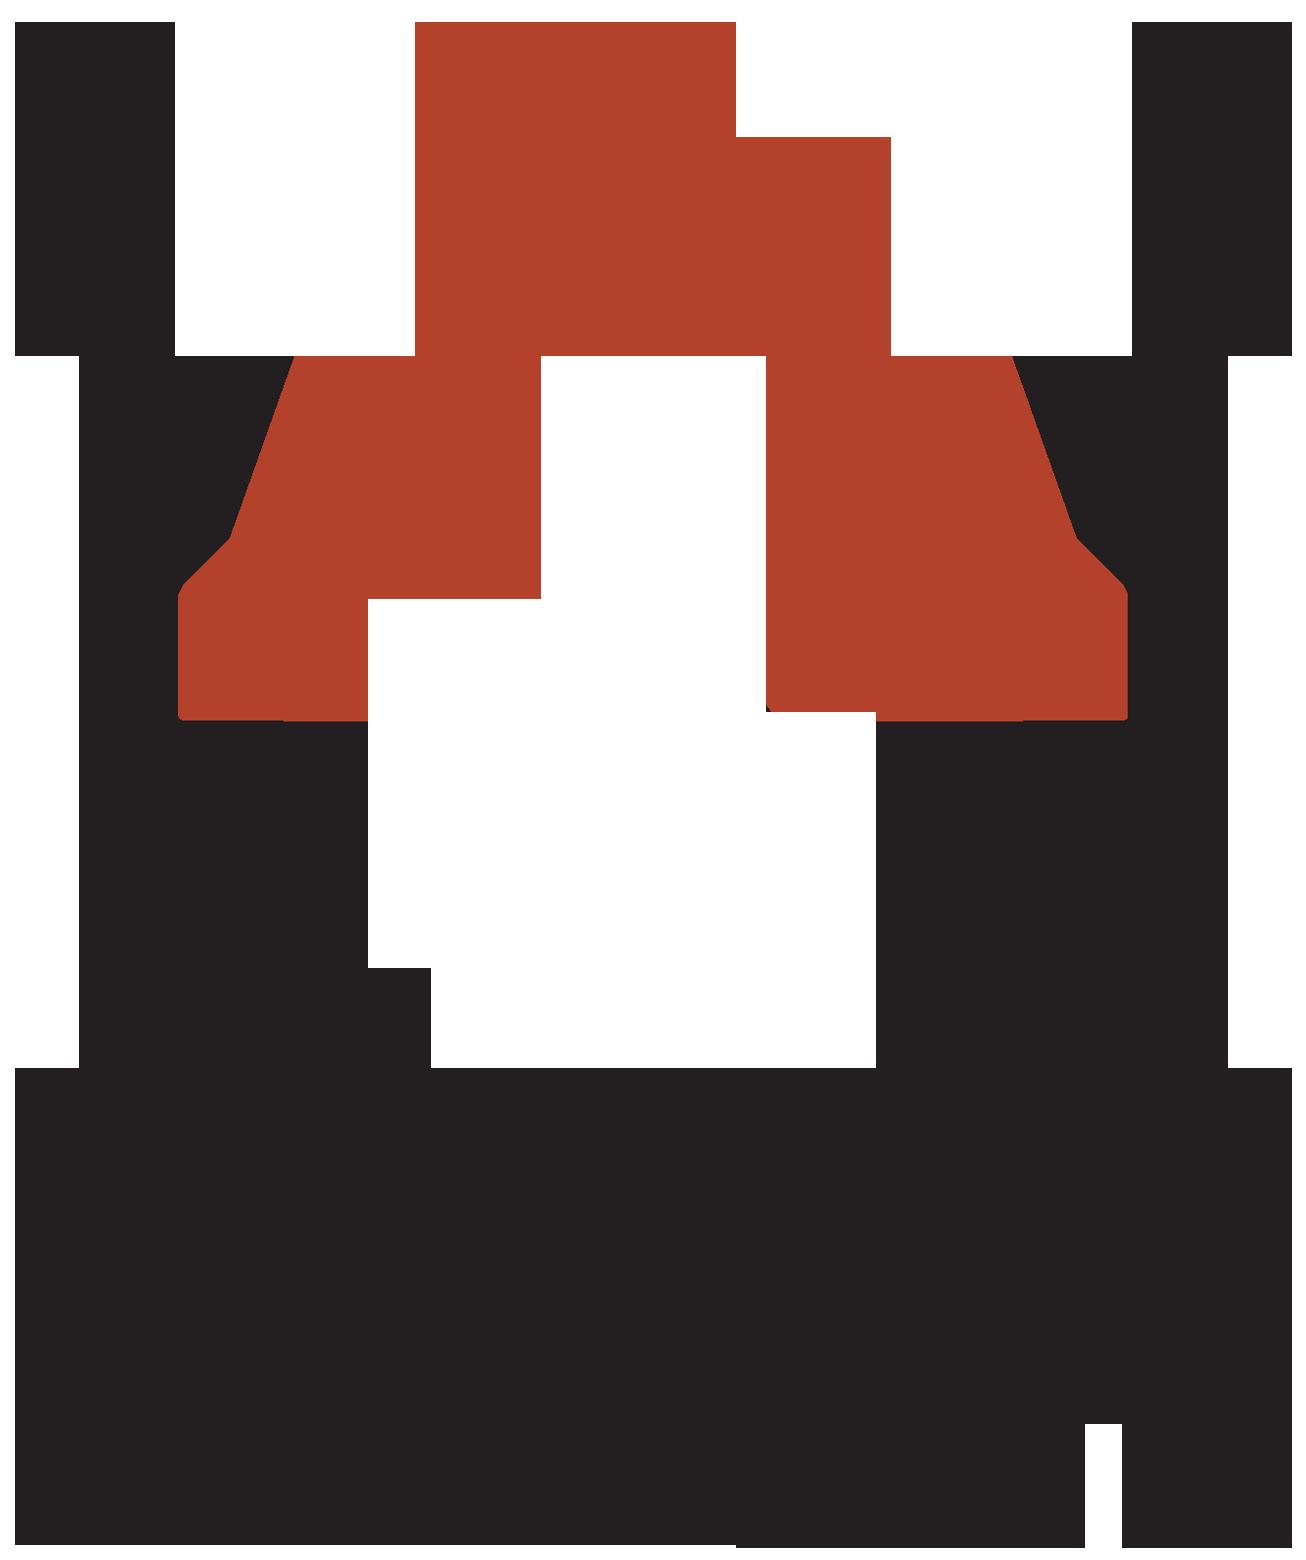 Kwangu Kwako Limited